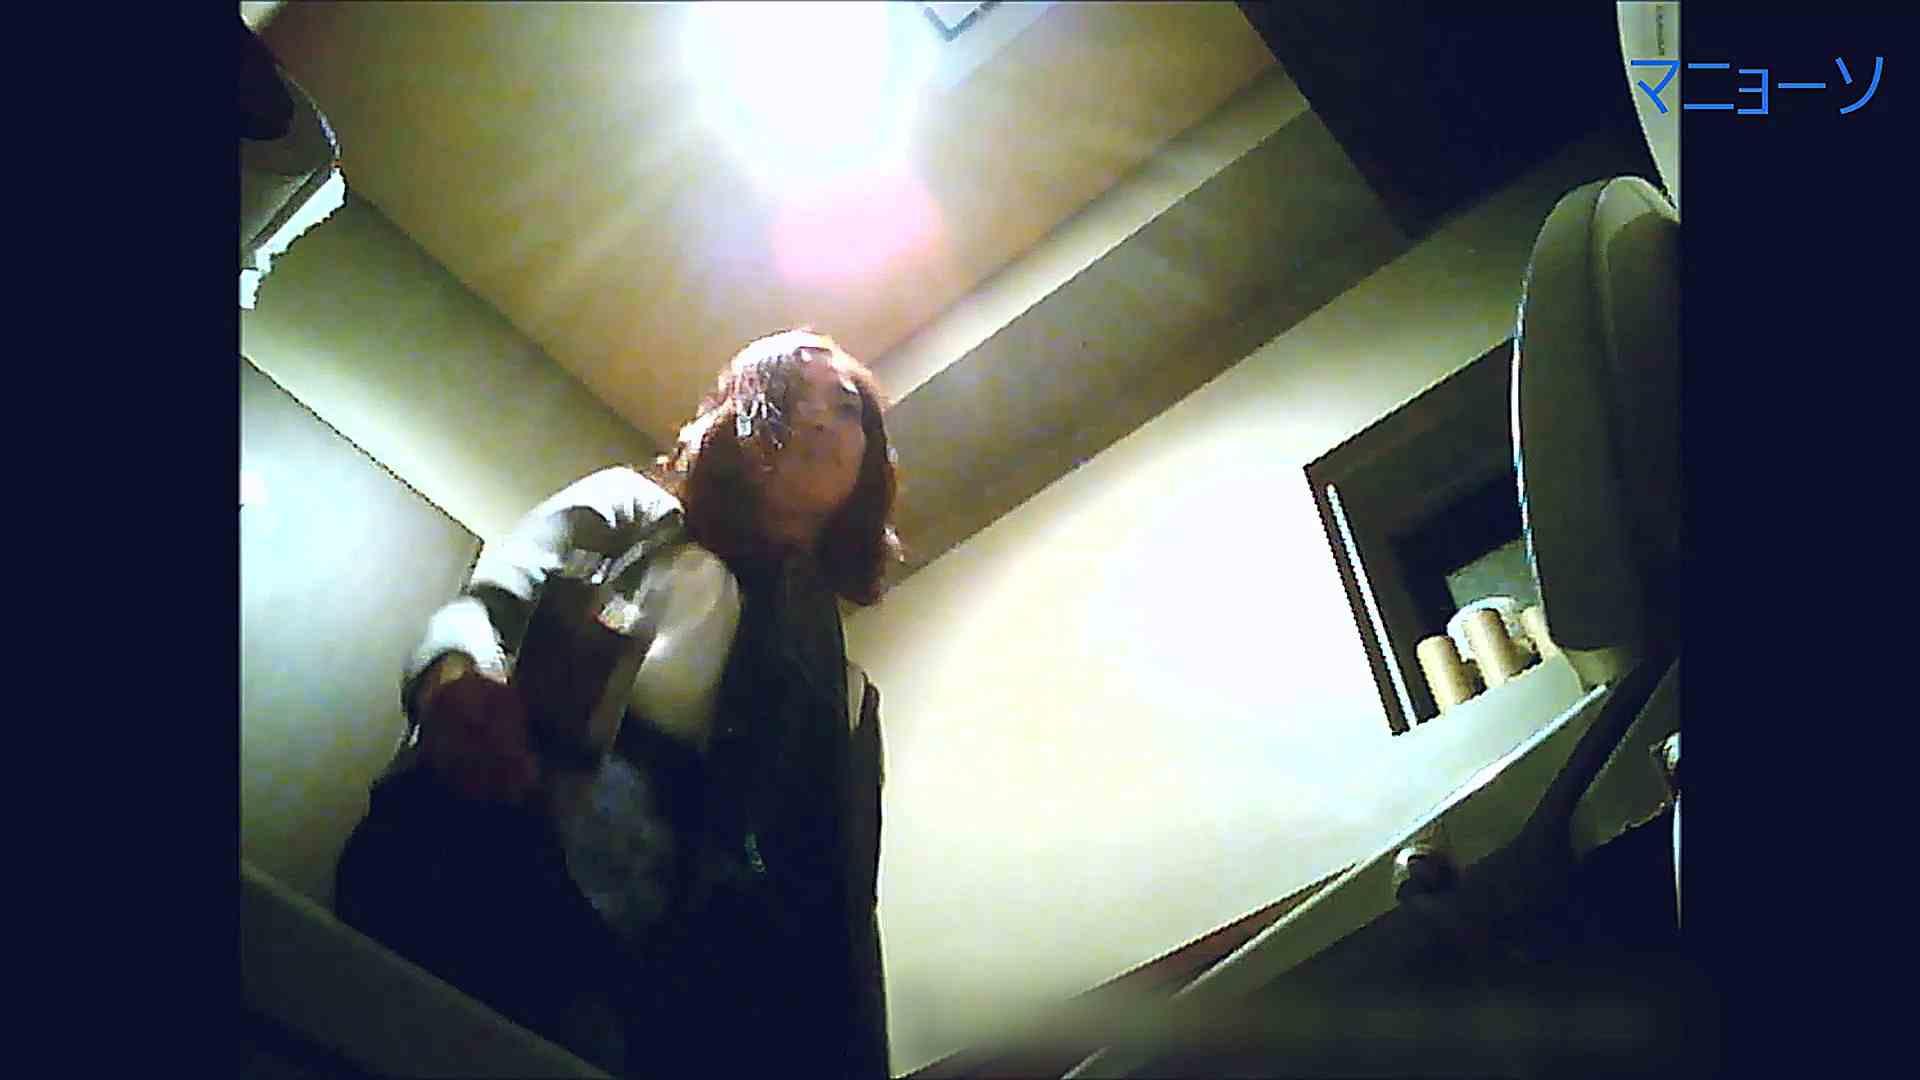 トイレでひと肌脱いでもらいました (OL編)Vol.12 エッチなお姉さん | 高画質動画  85画像 19